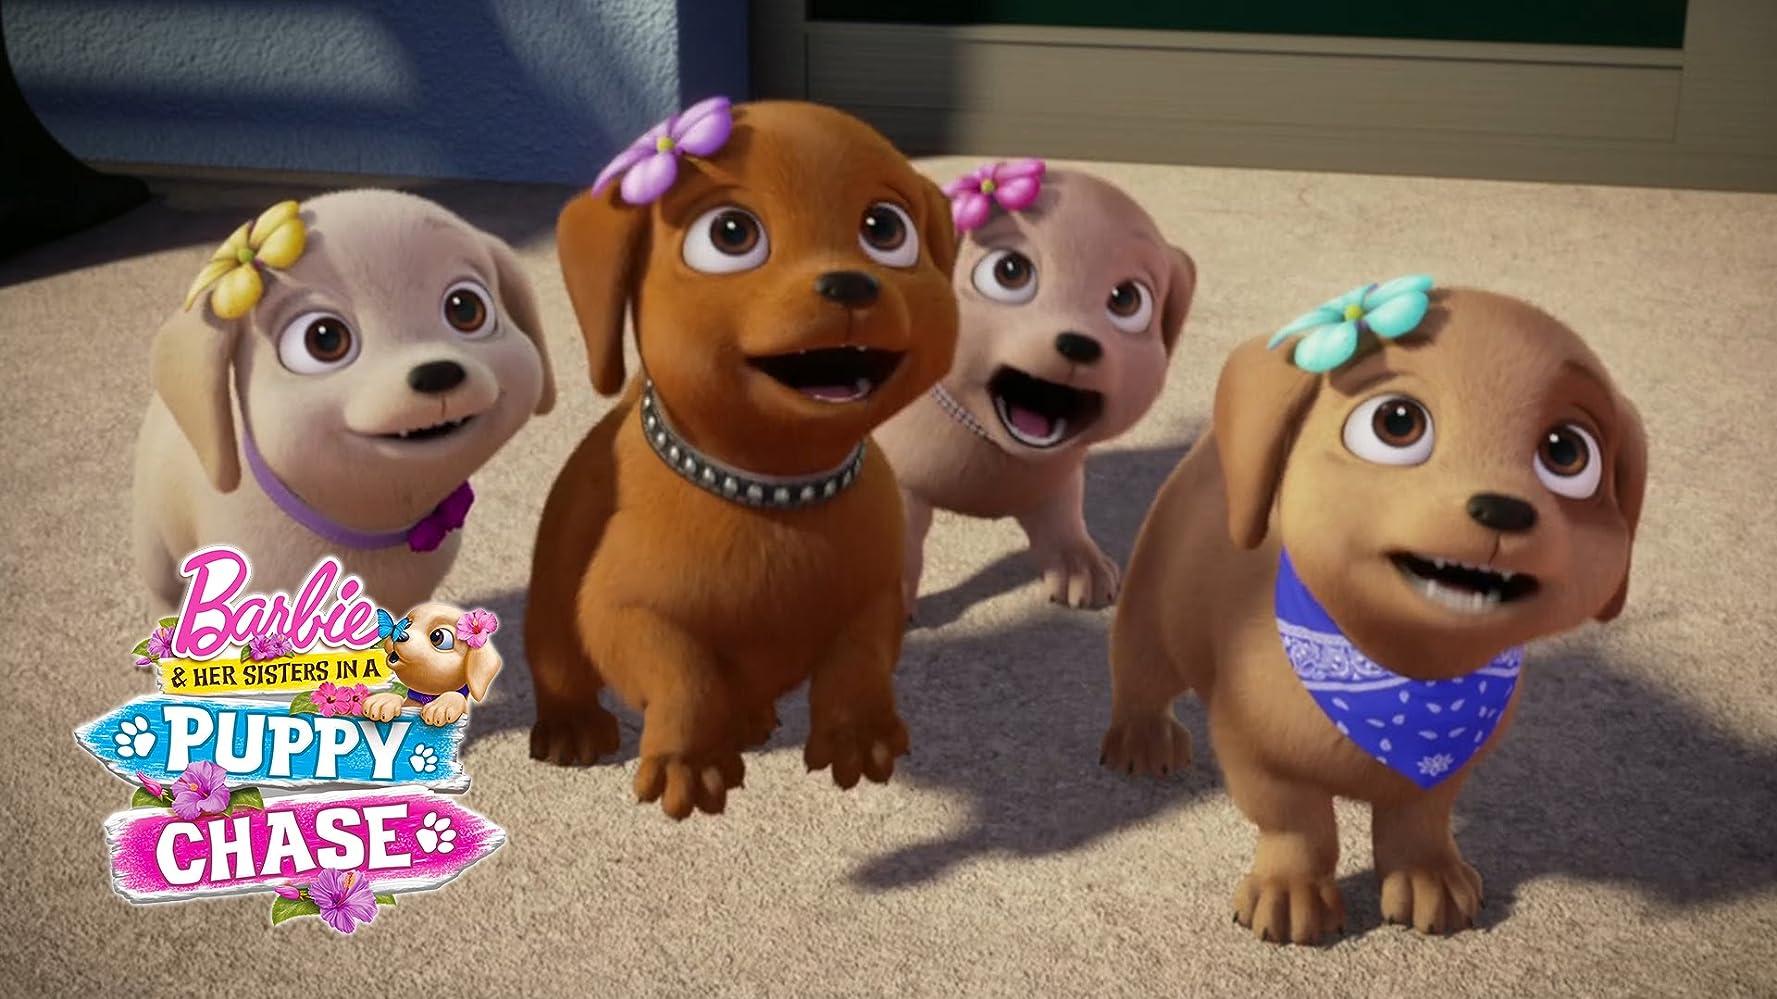 Ver Barbie y sus hermanas: En la búsqueda de perritos (2016) online GRATIS